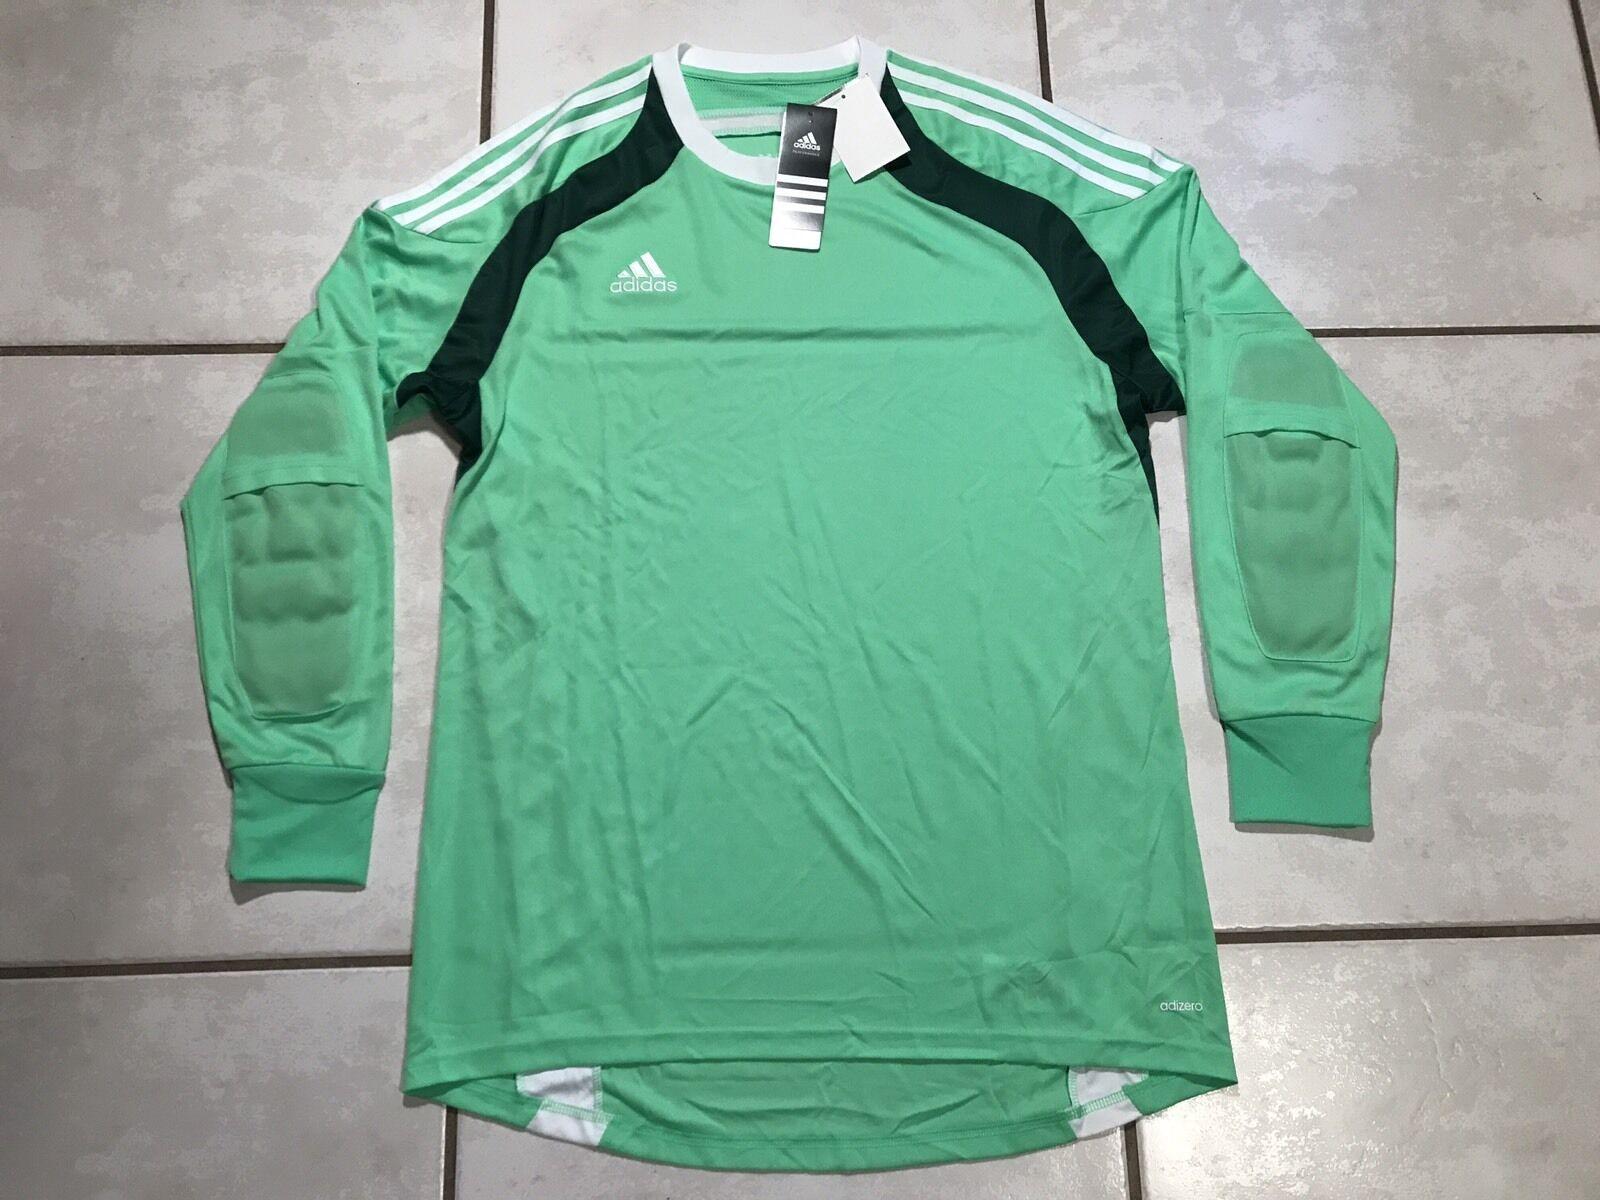 980d0d9a1e2 adidas Onore 14 GK Goalie Goalkeeper Soccer Jersey Padded Mens XL ...